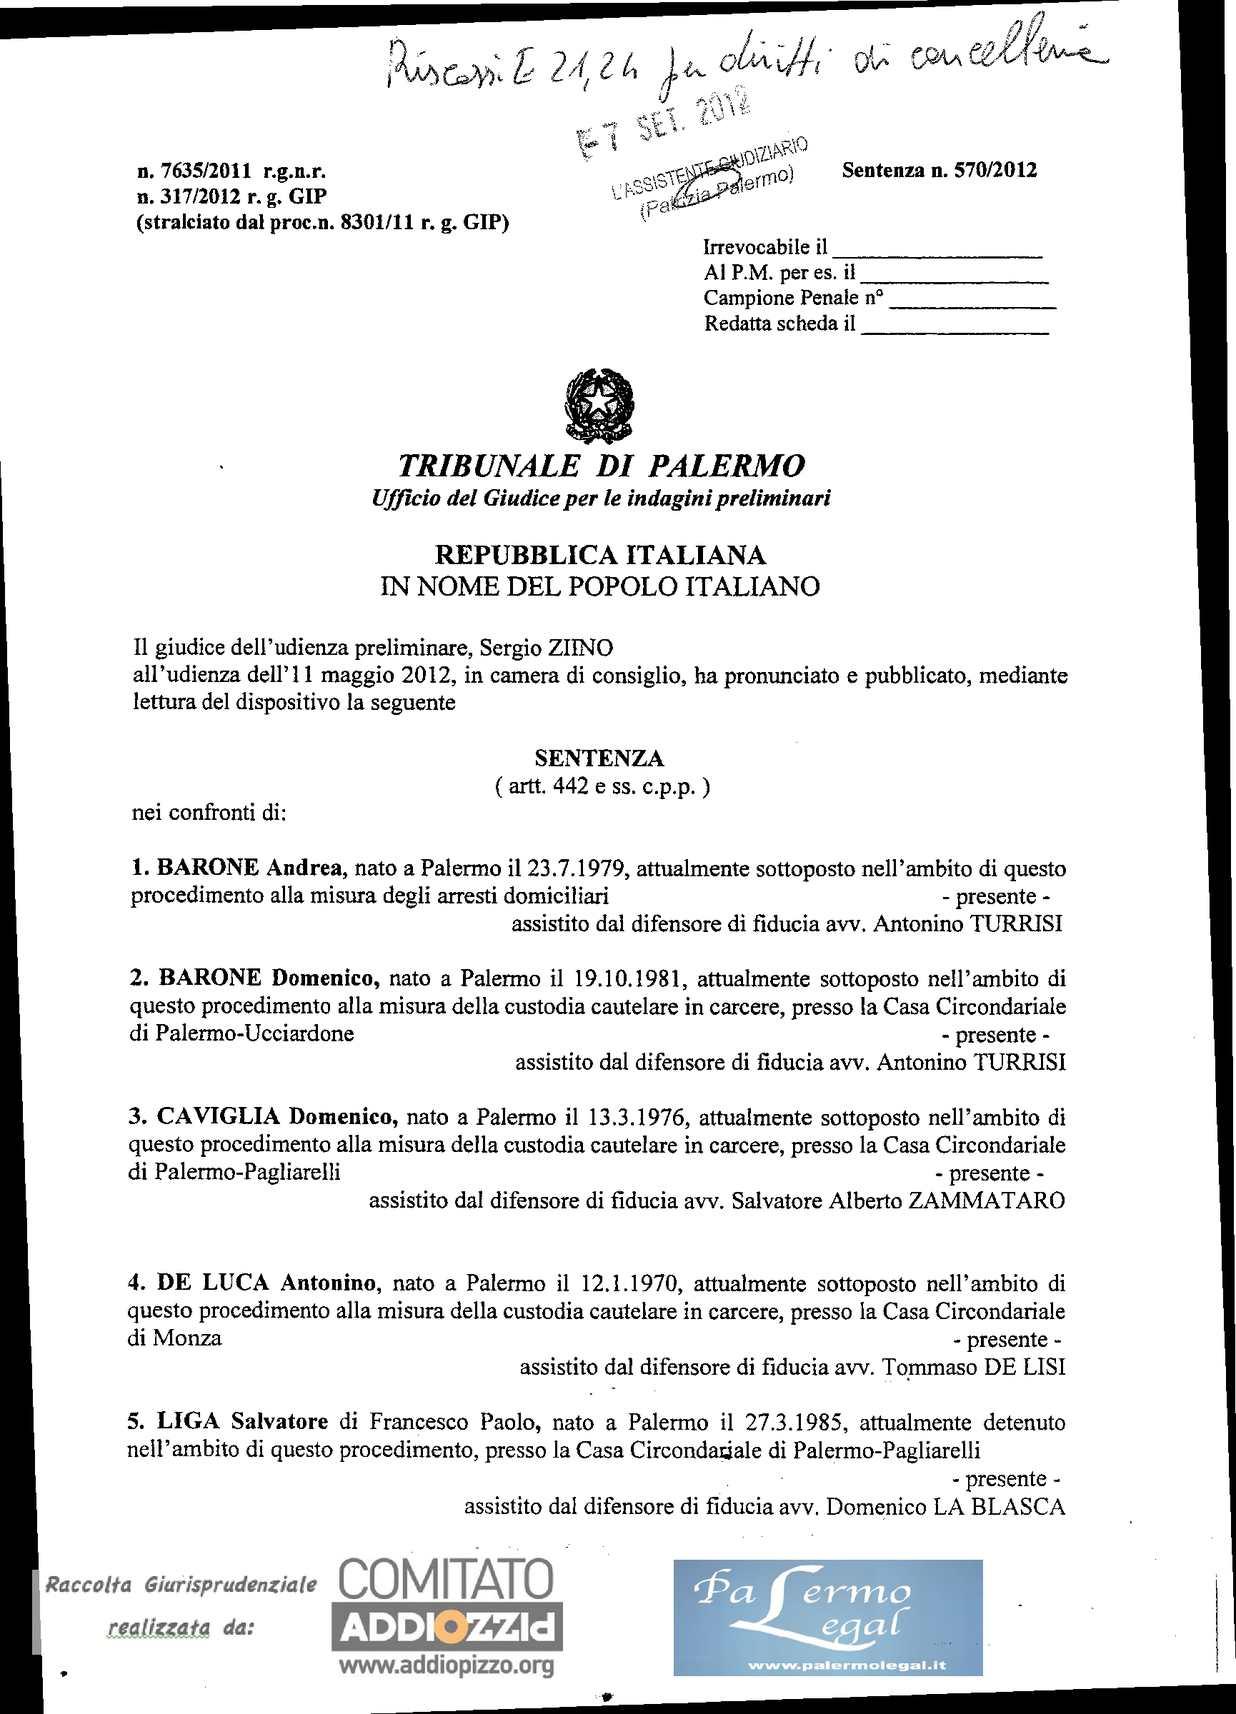 Calameo Addio Pizzo Sentenza 570 2012